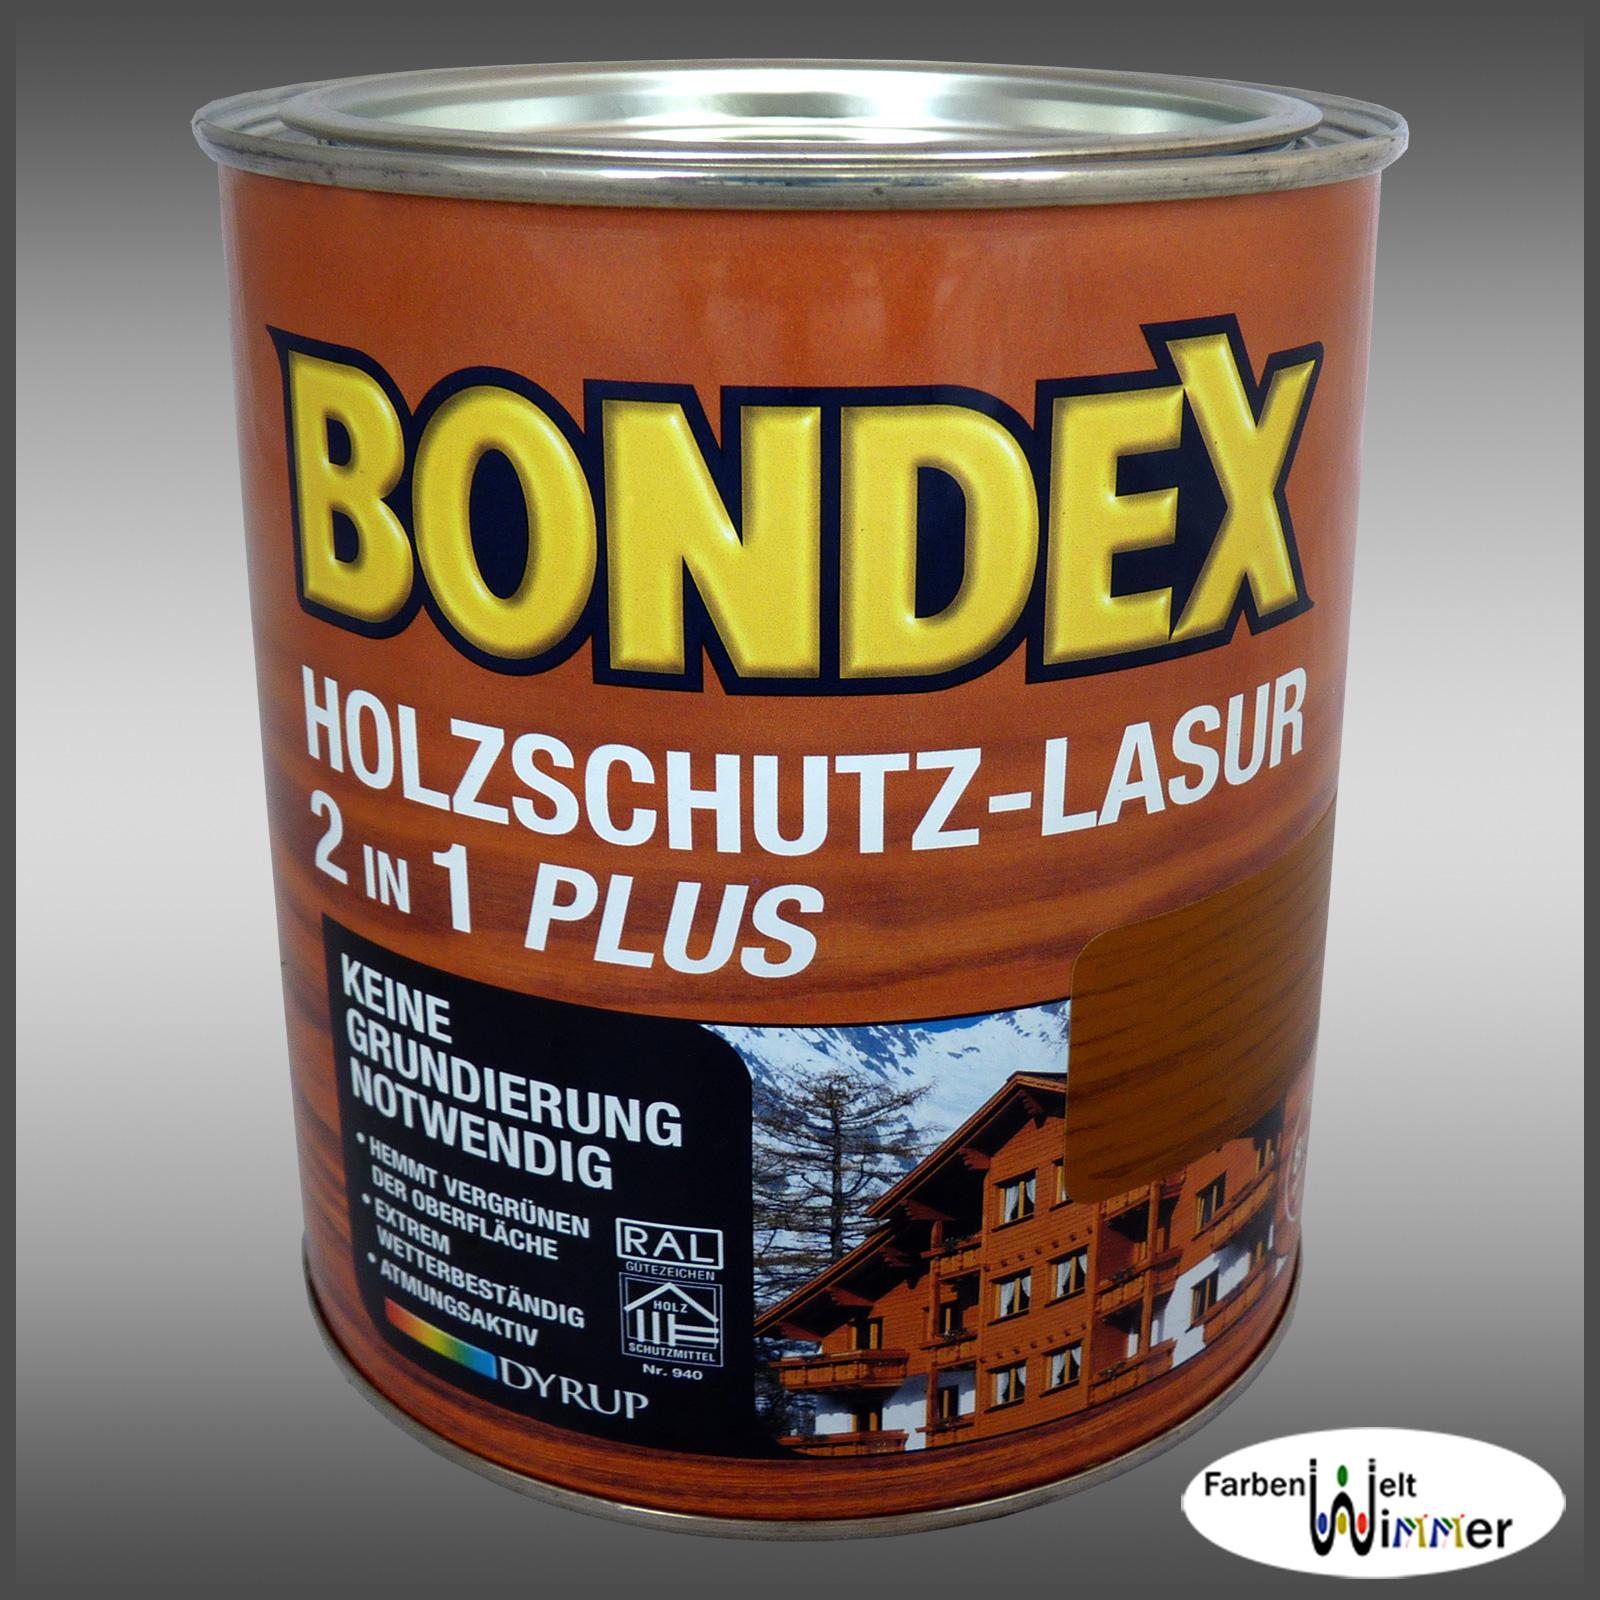 farbenwelt wimmer bondex holzschutz lasur 2in1 plus 750ml kastanie. Black Bedroom Furniture Sets. Home Design Ideas